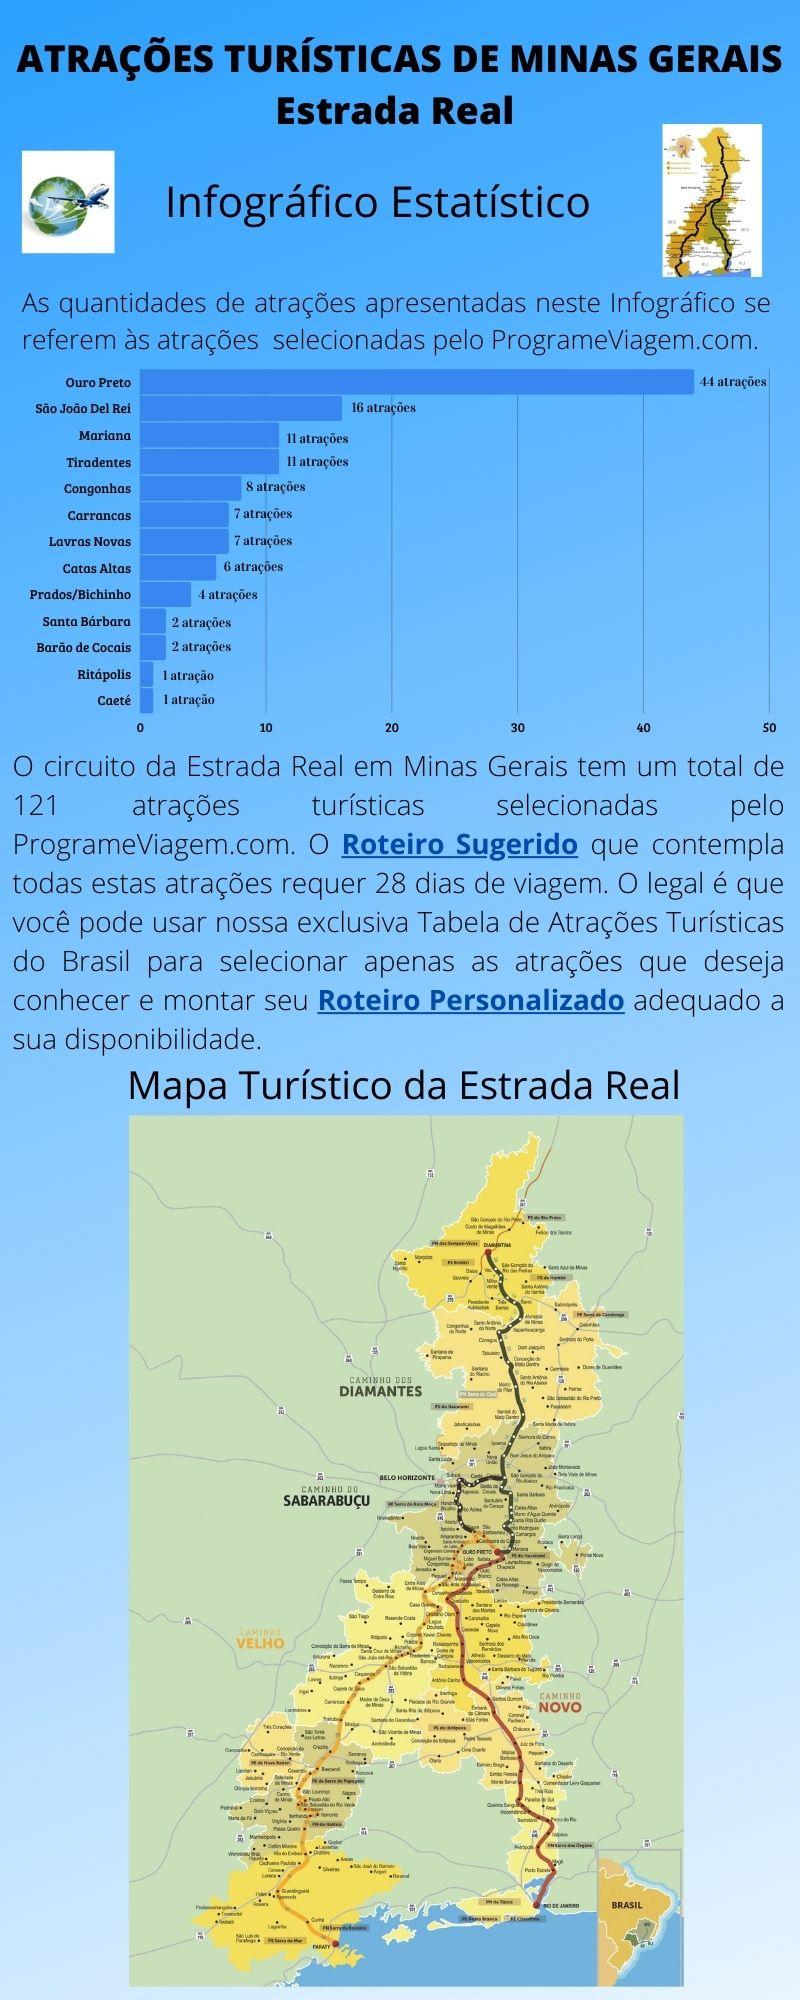 Infográfico Atrações Turísticas de Minas Gerais (Estrada Real)